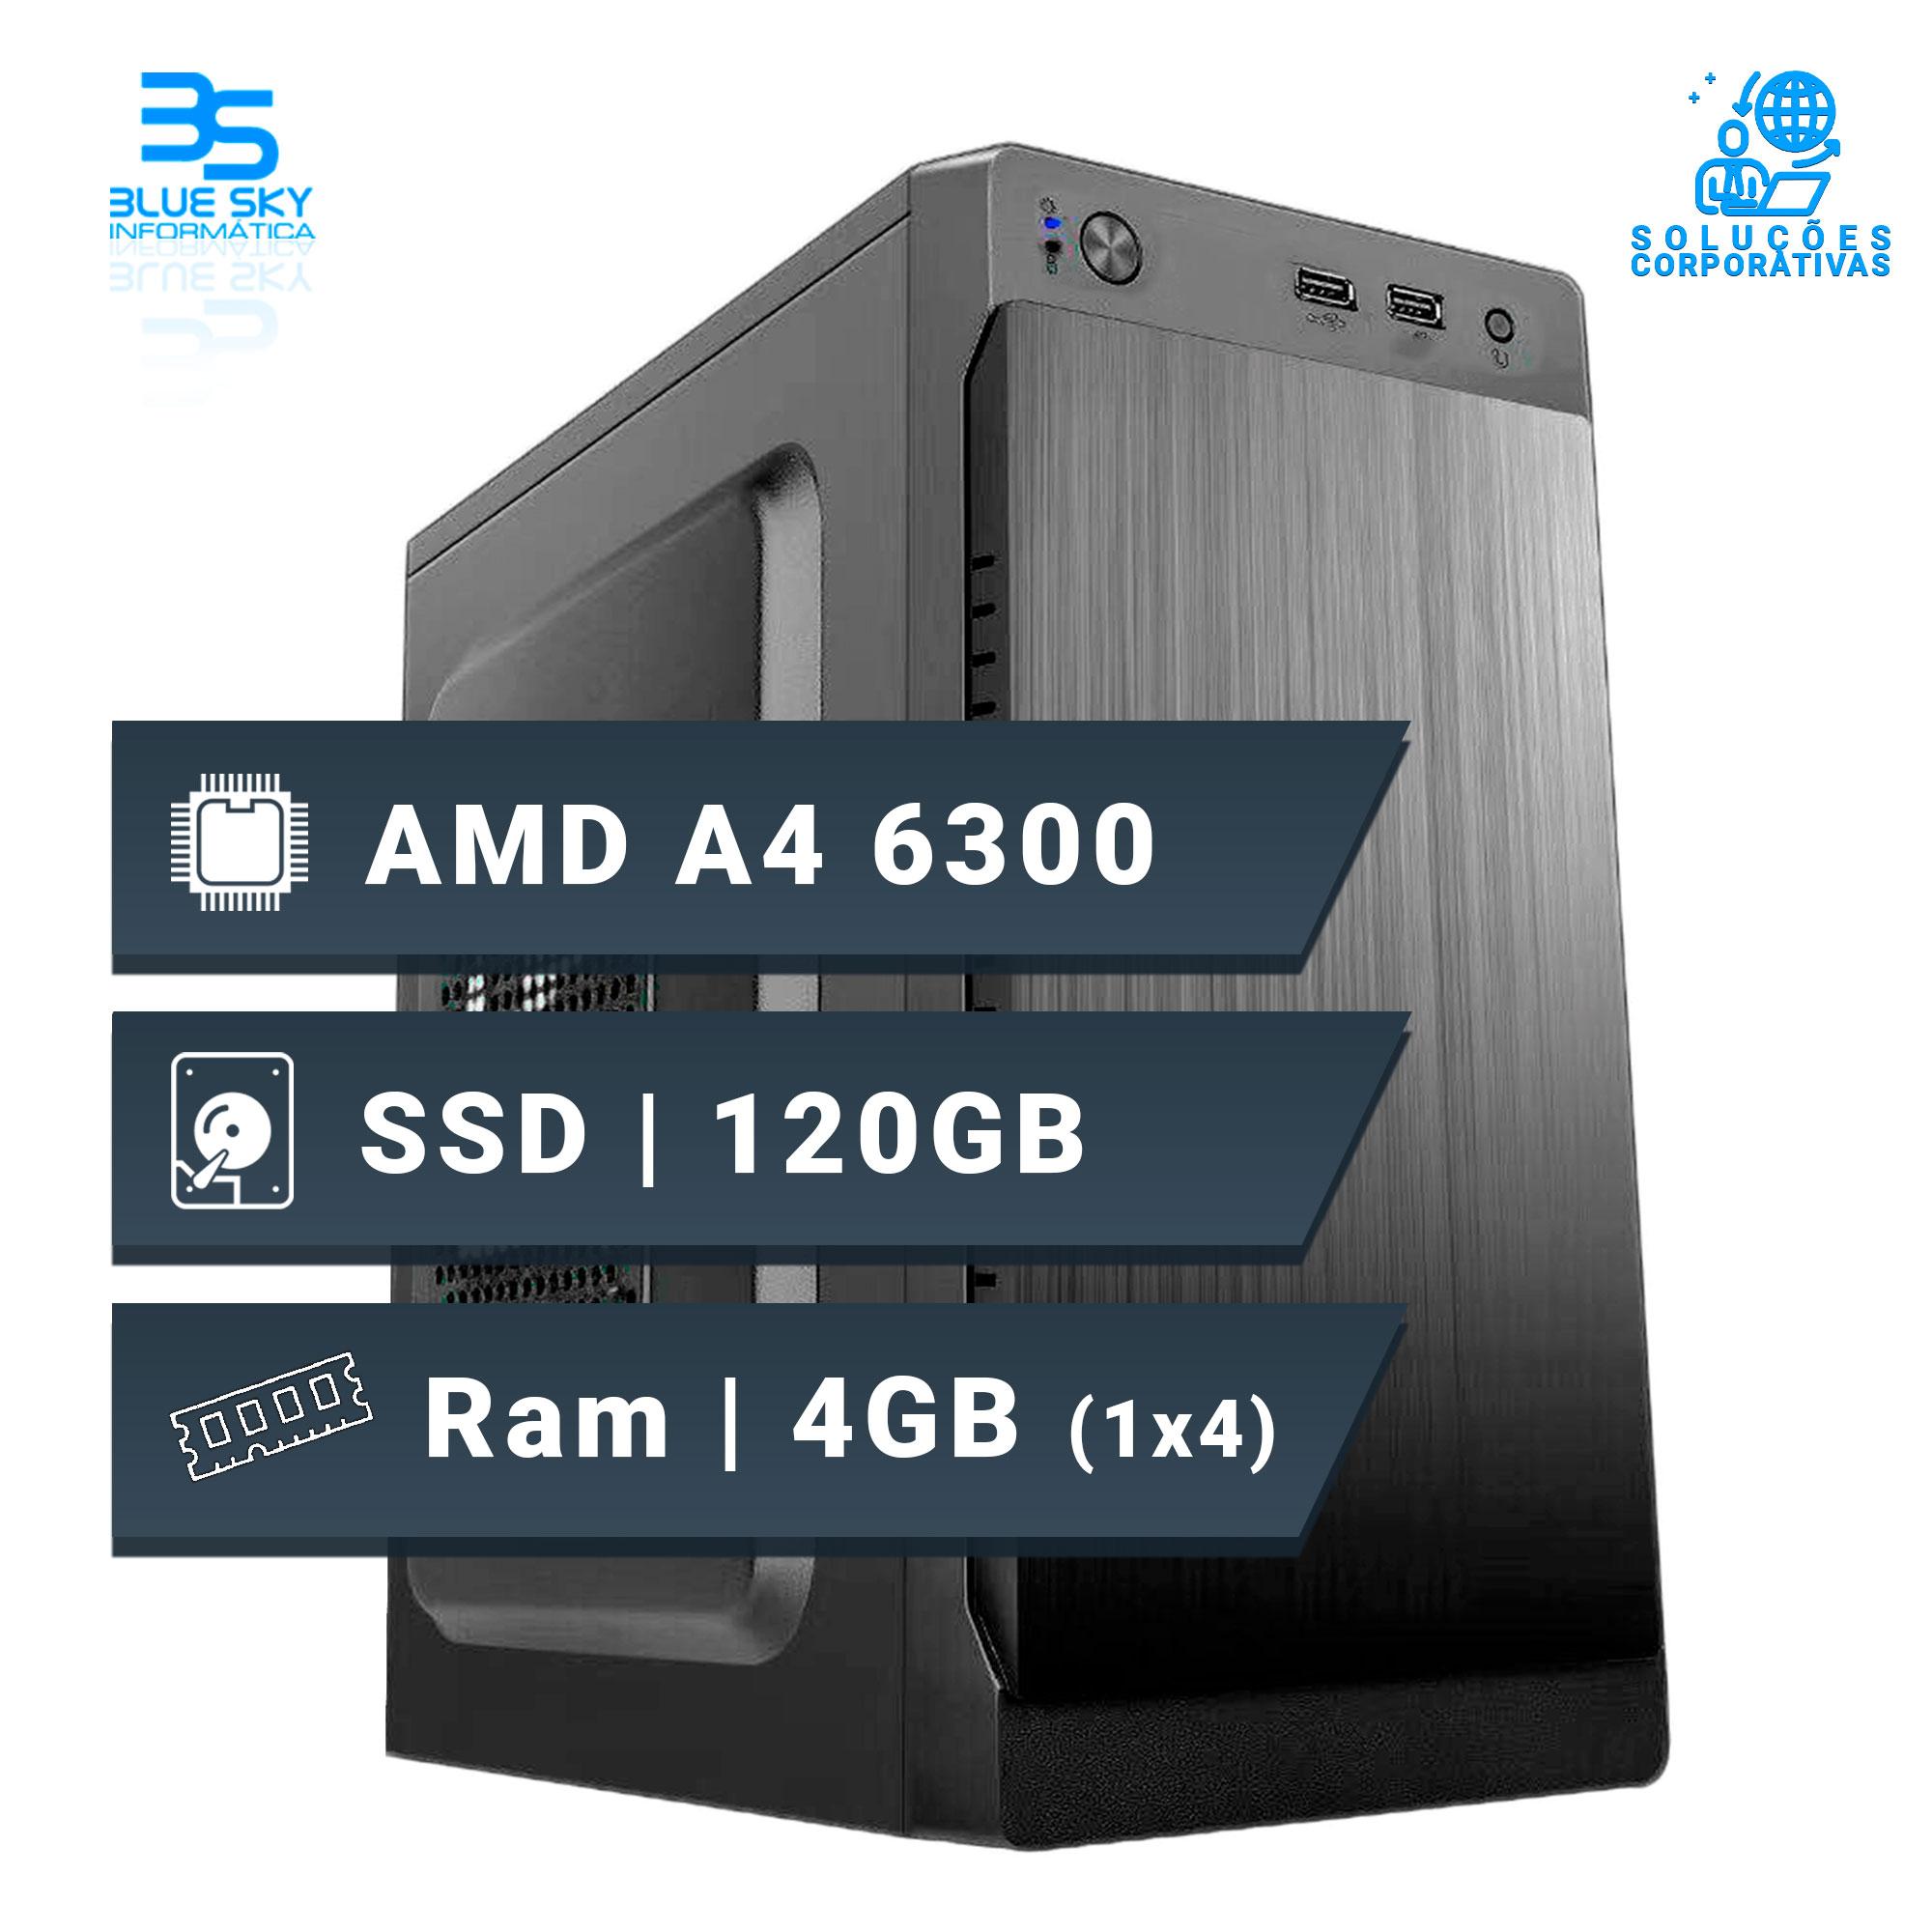 Computador Office AMD A4 6300, Ssd 120GB, 4GB DDR3, 200W